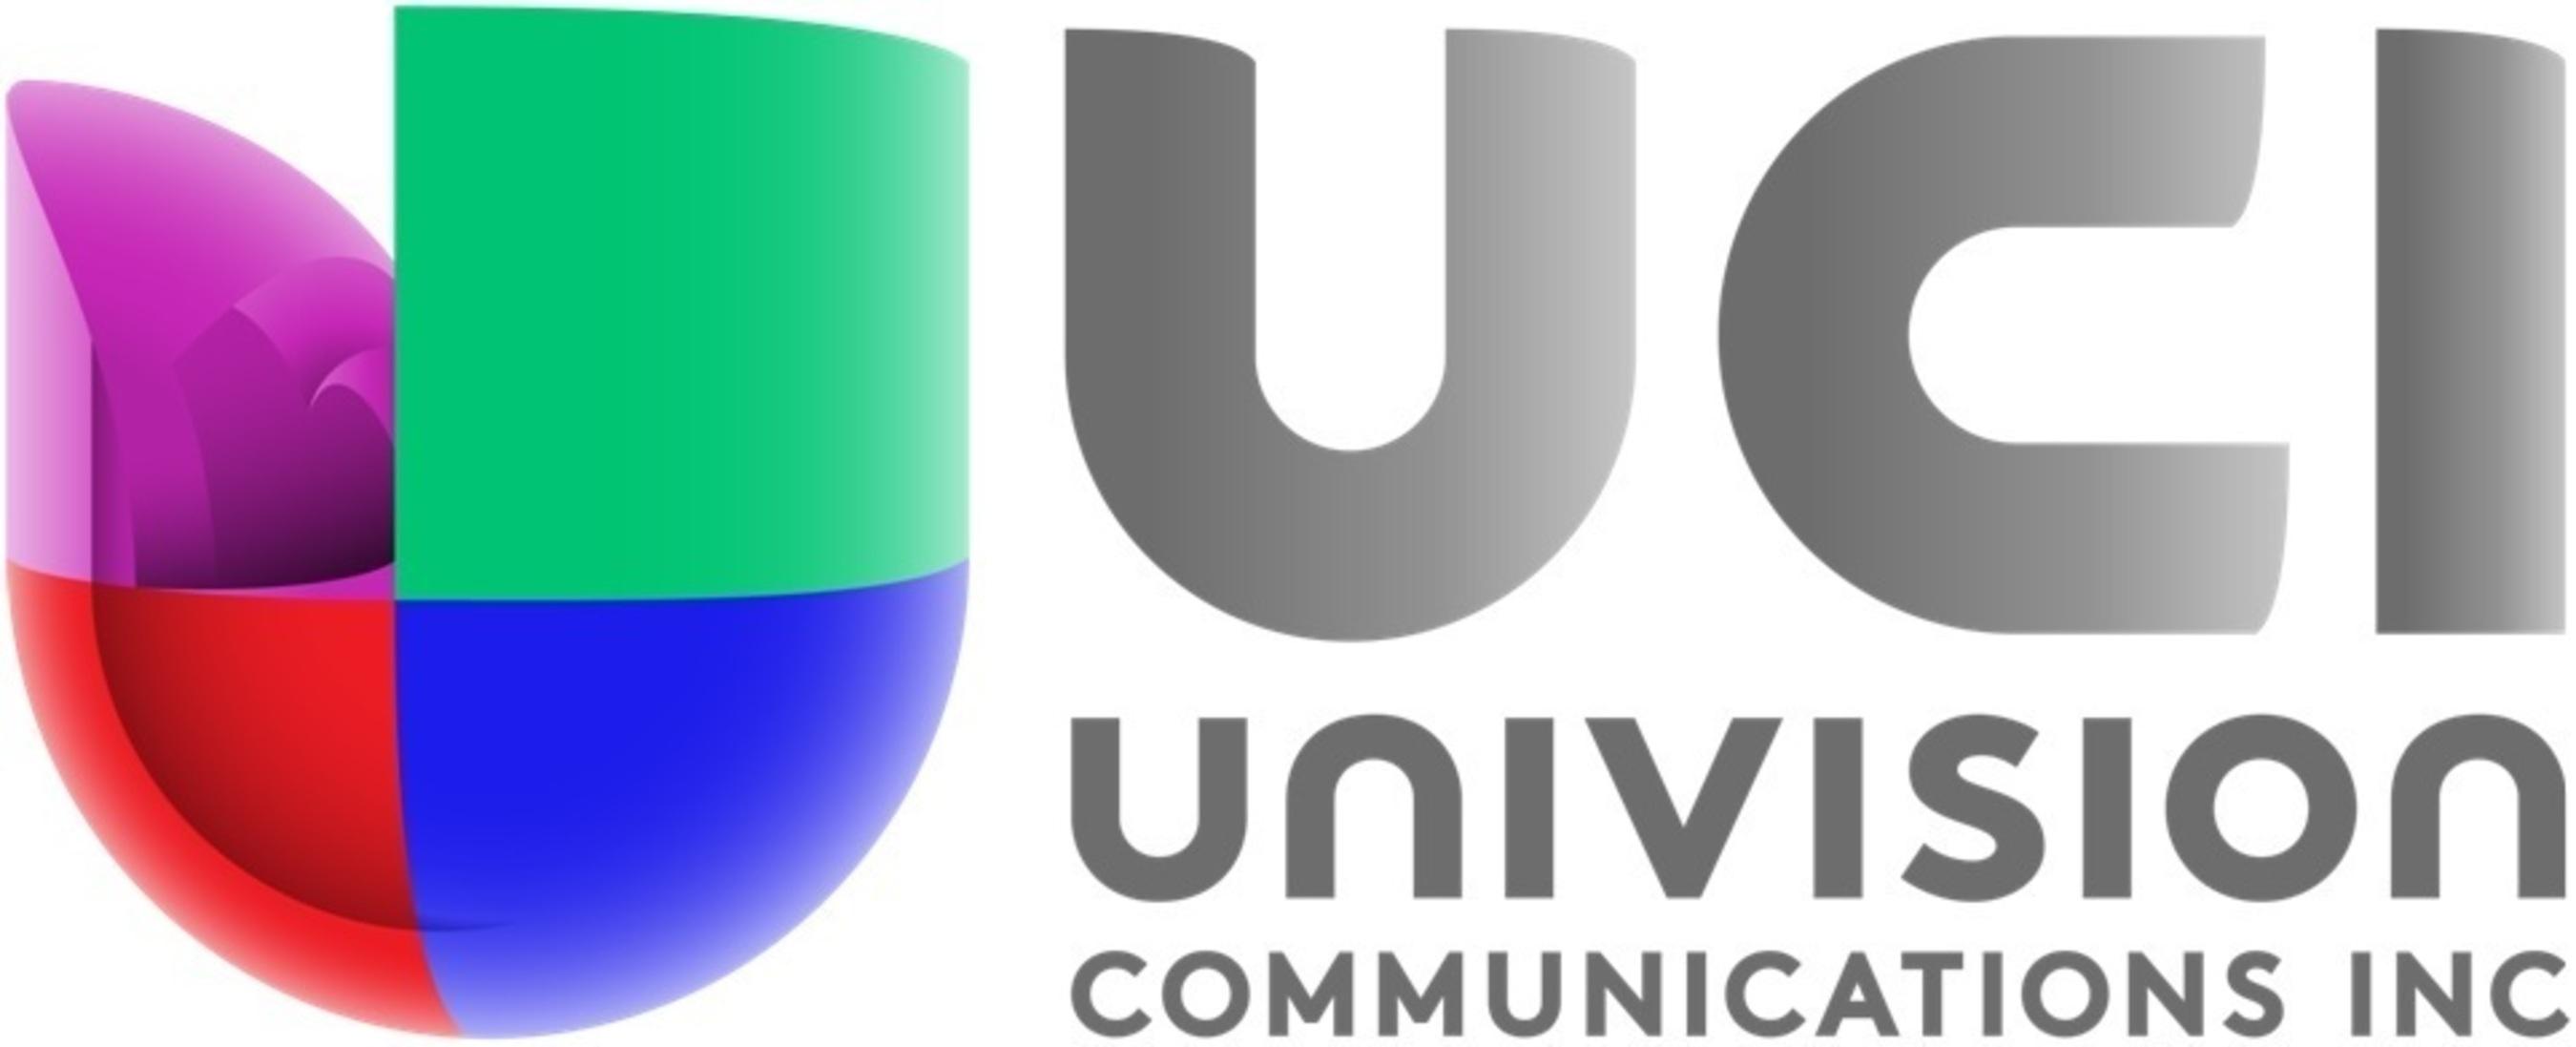 Univision Contigo y Common Sense Media lanzan campaña educativa y de acceso a banda ancha